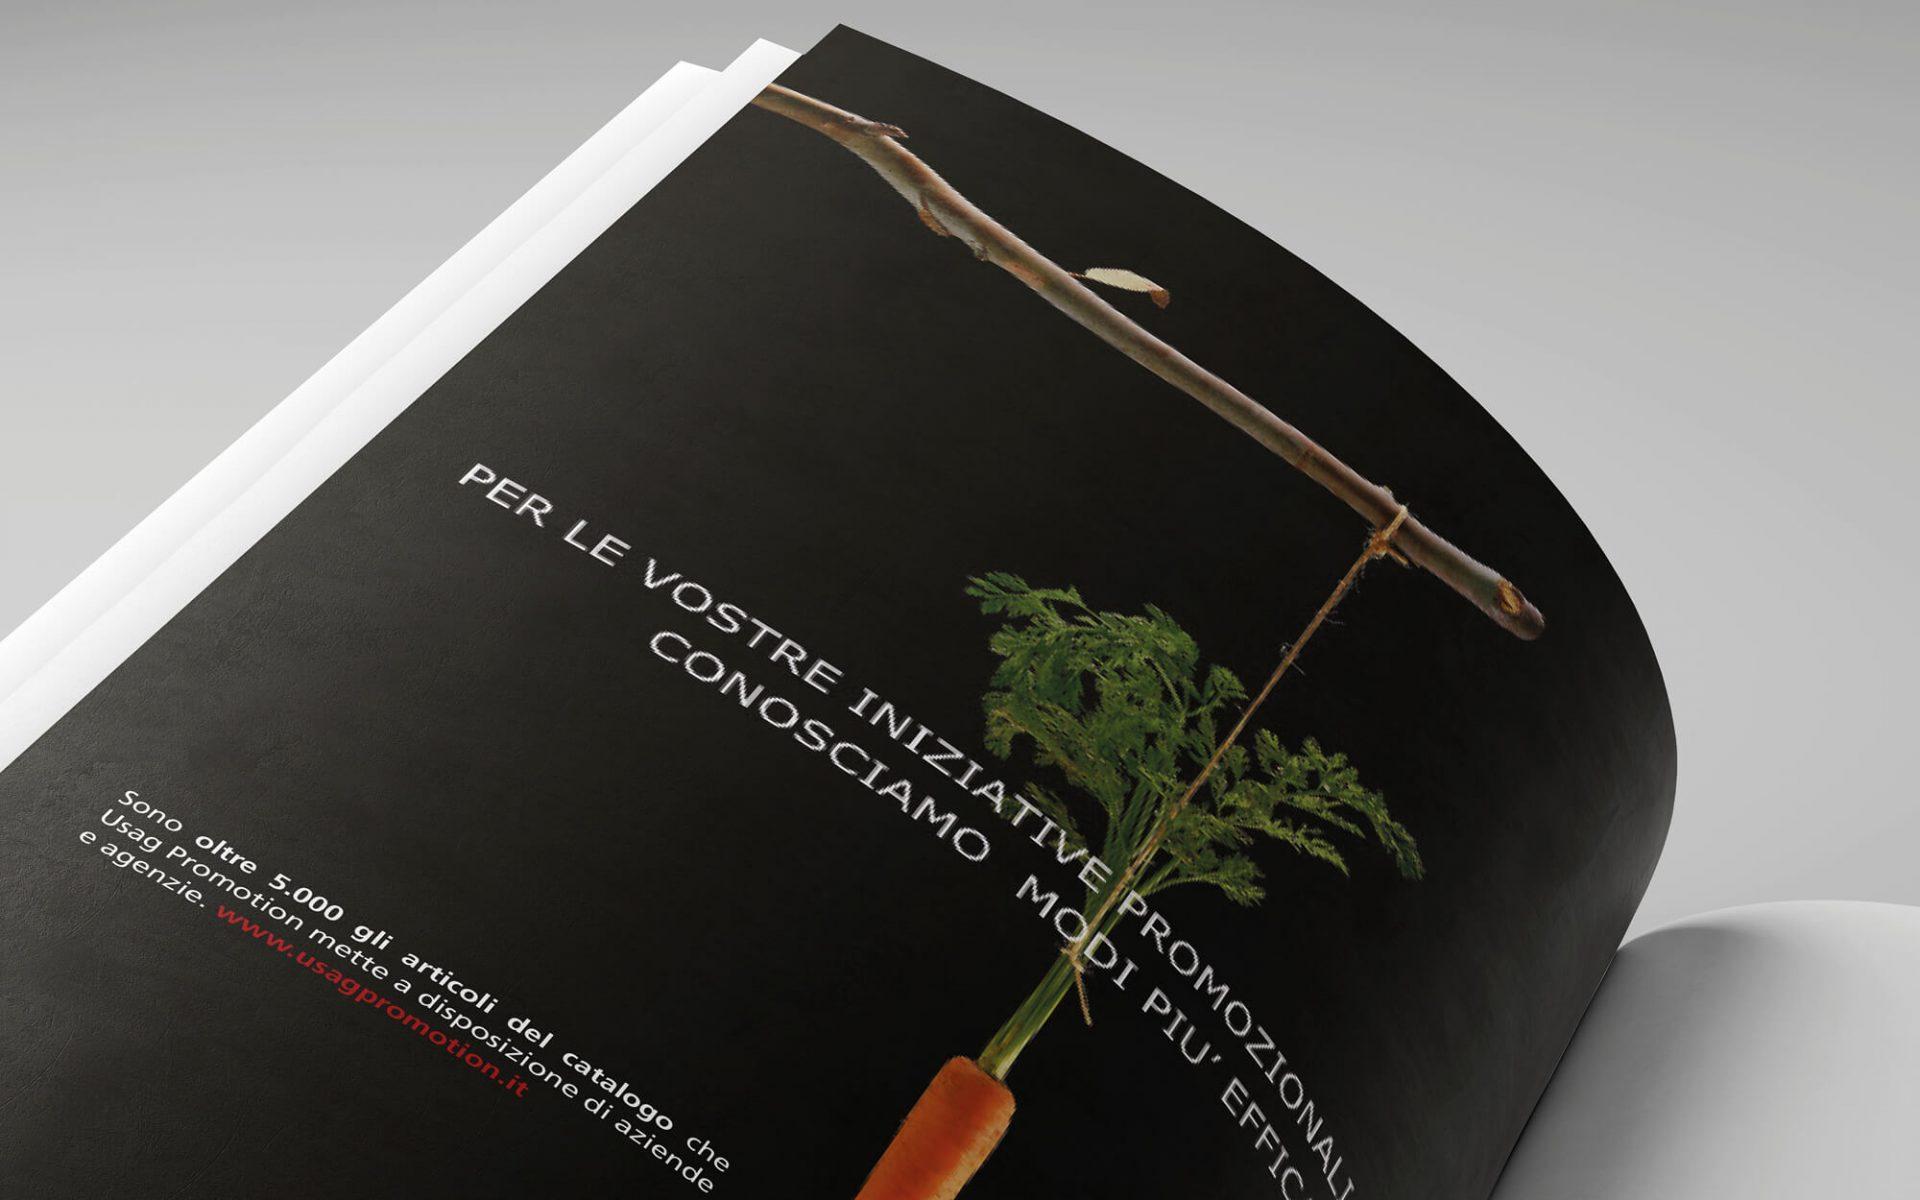 campagna stampa usag italia per la promozione dei servizi, dettaglio pagina annuncio creato dallo studio di comunicazione diadestudio arco trento